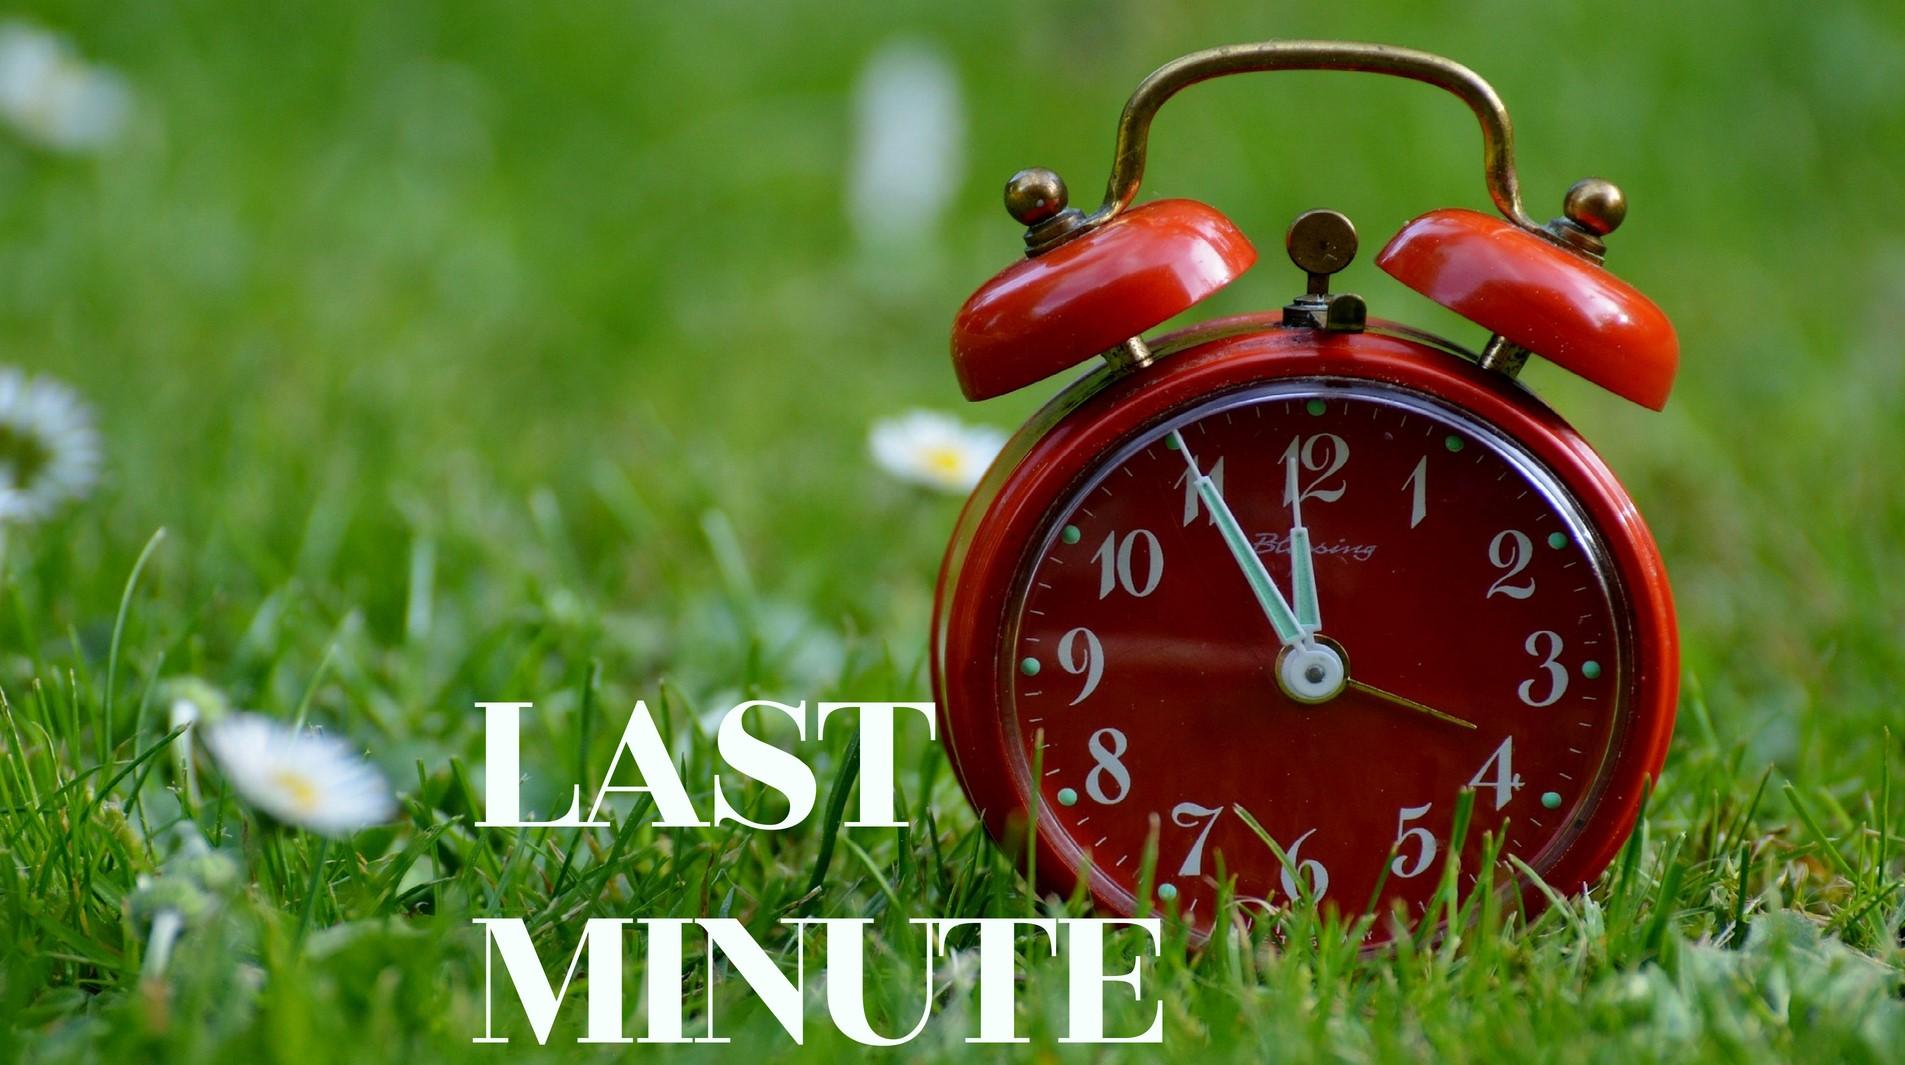 Hotel Fonte Cesia - Last minute